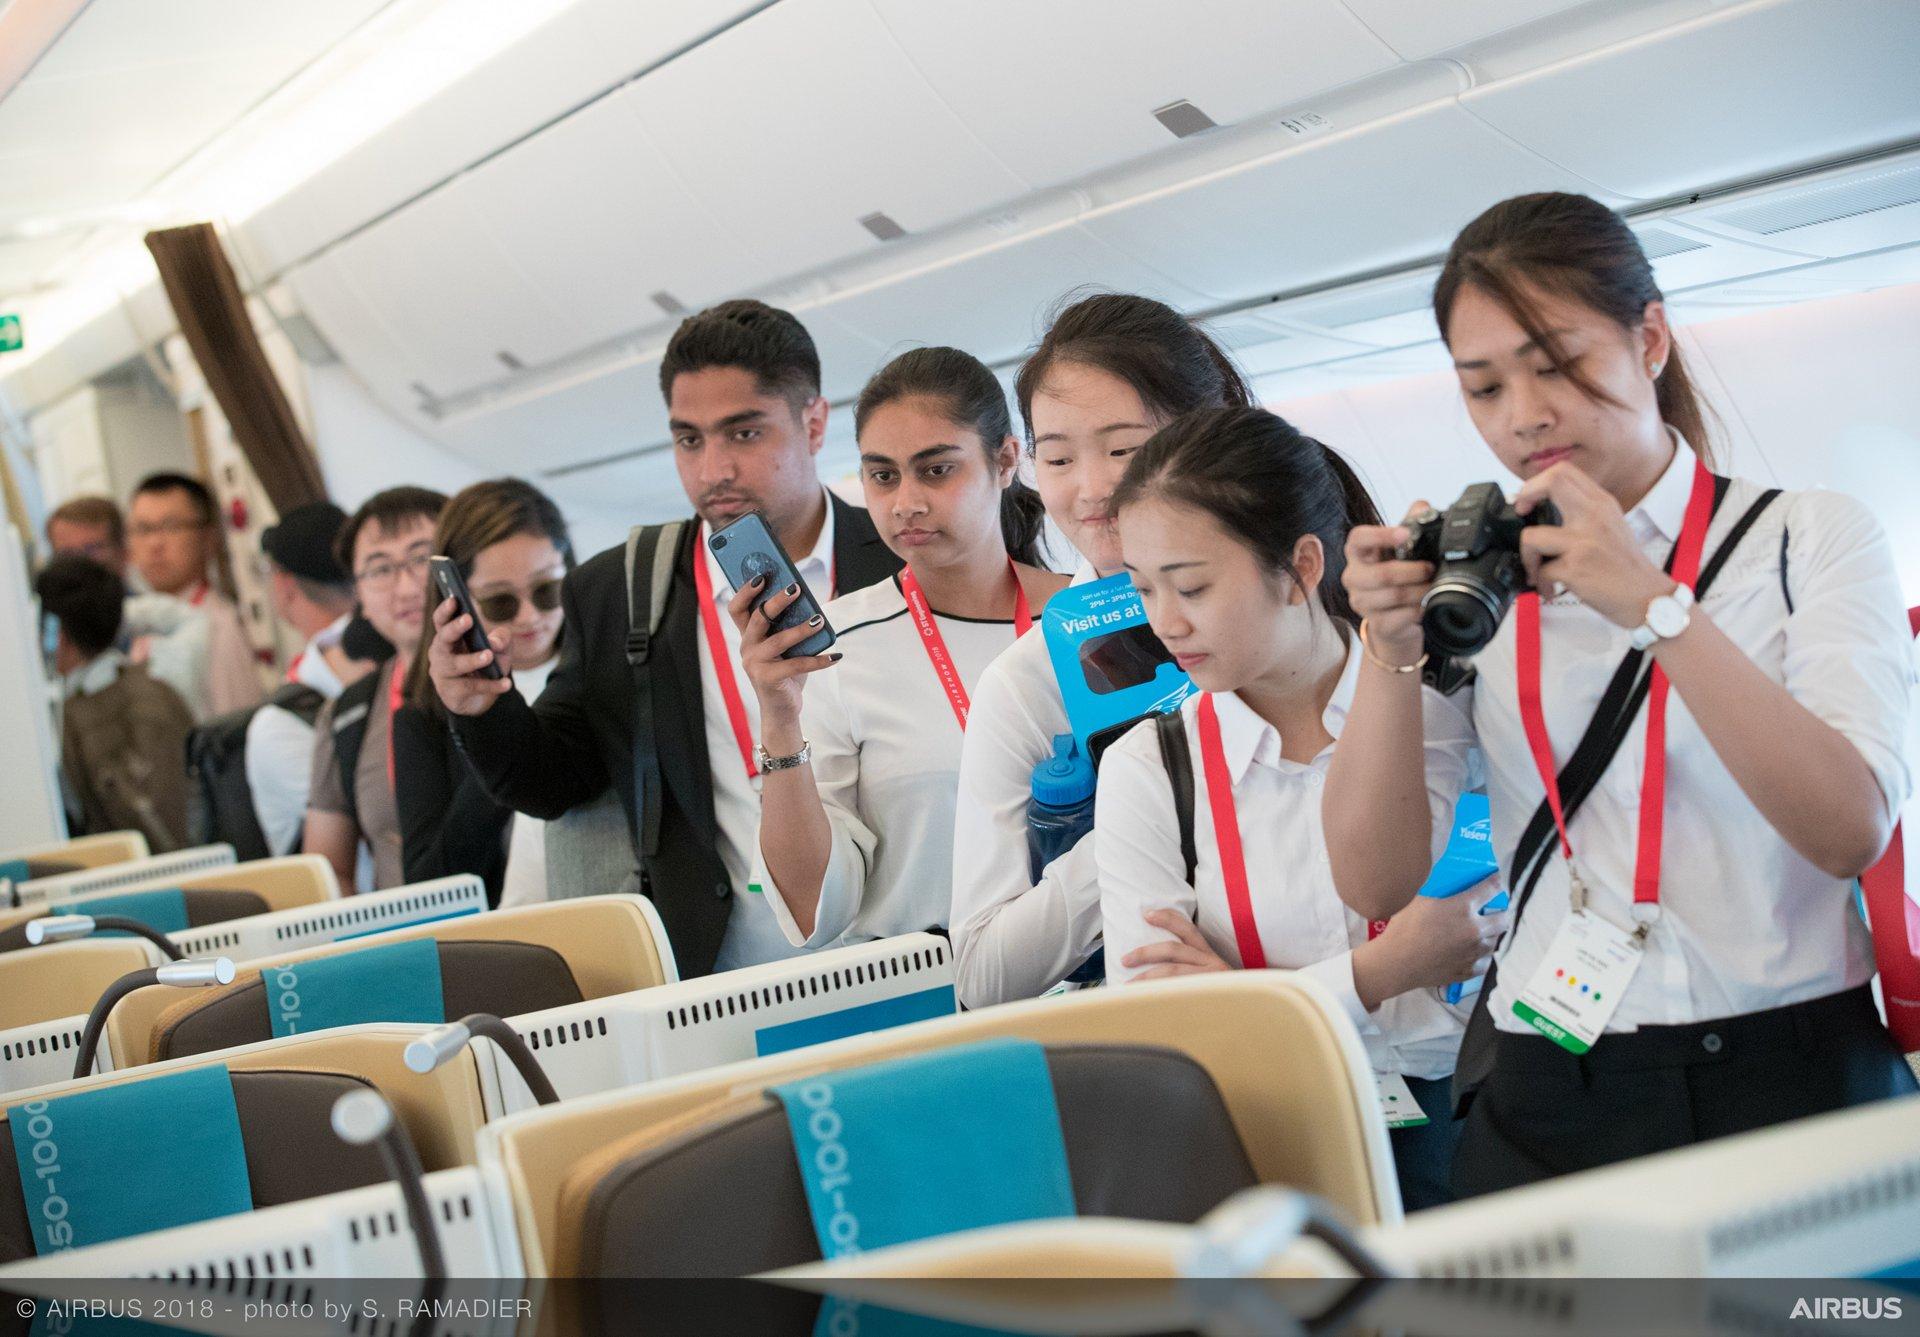 Singapore Airshow 2018 Day 2 - A350-1000 public visit 3